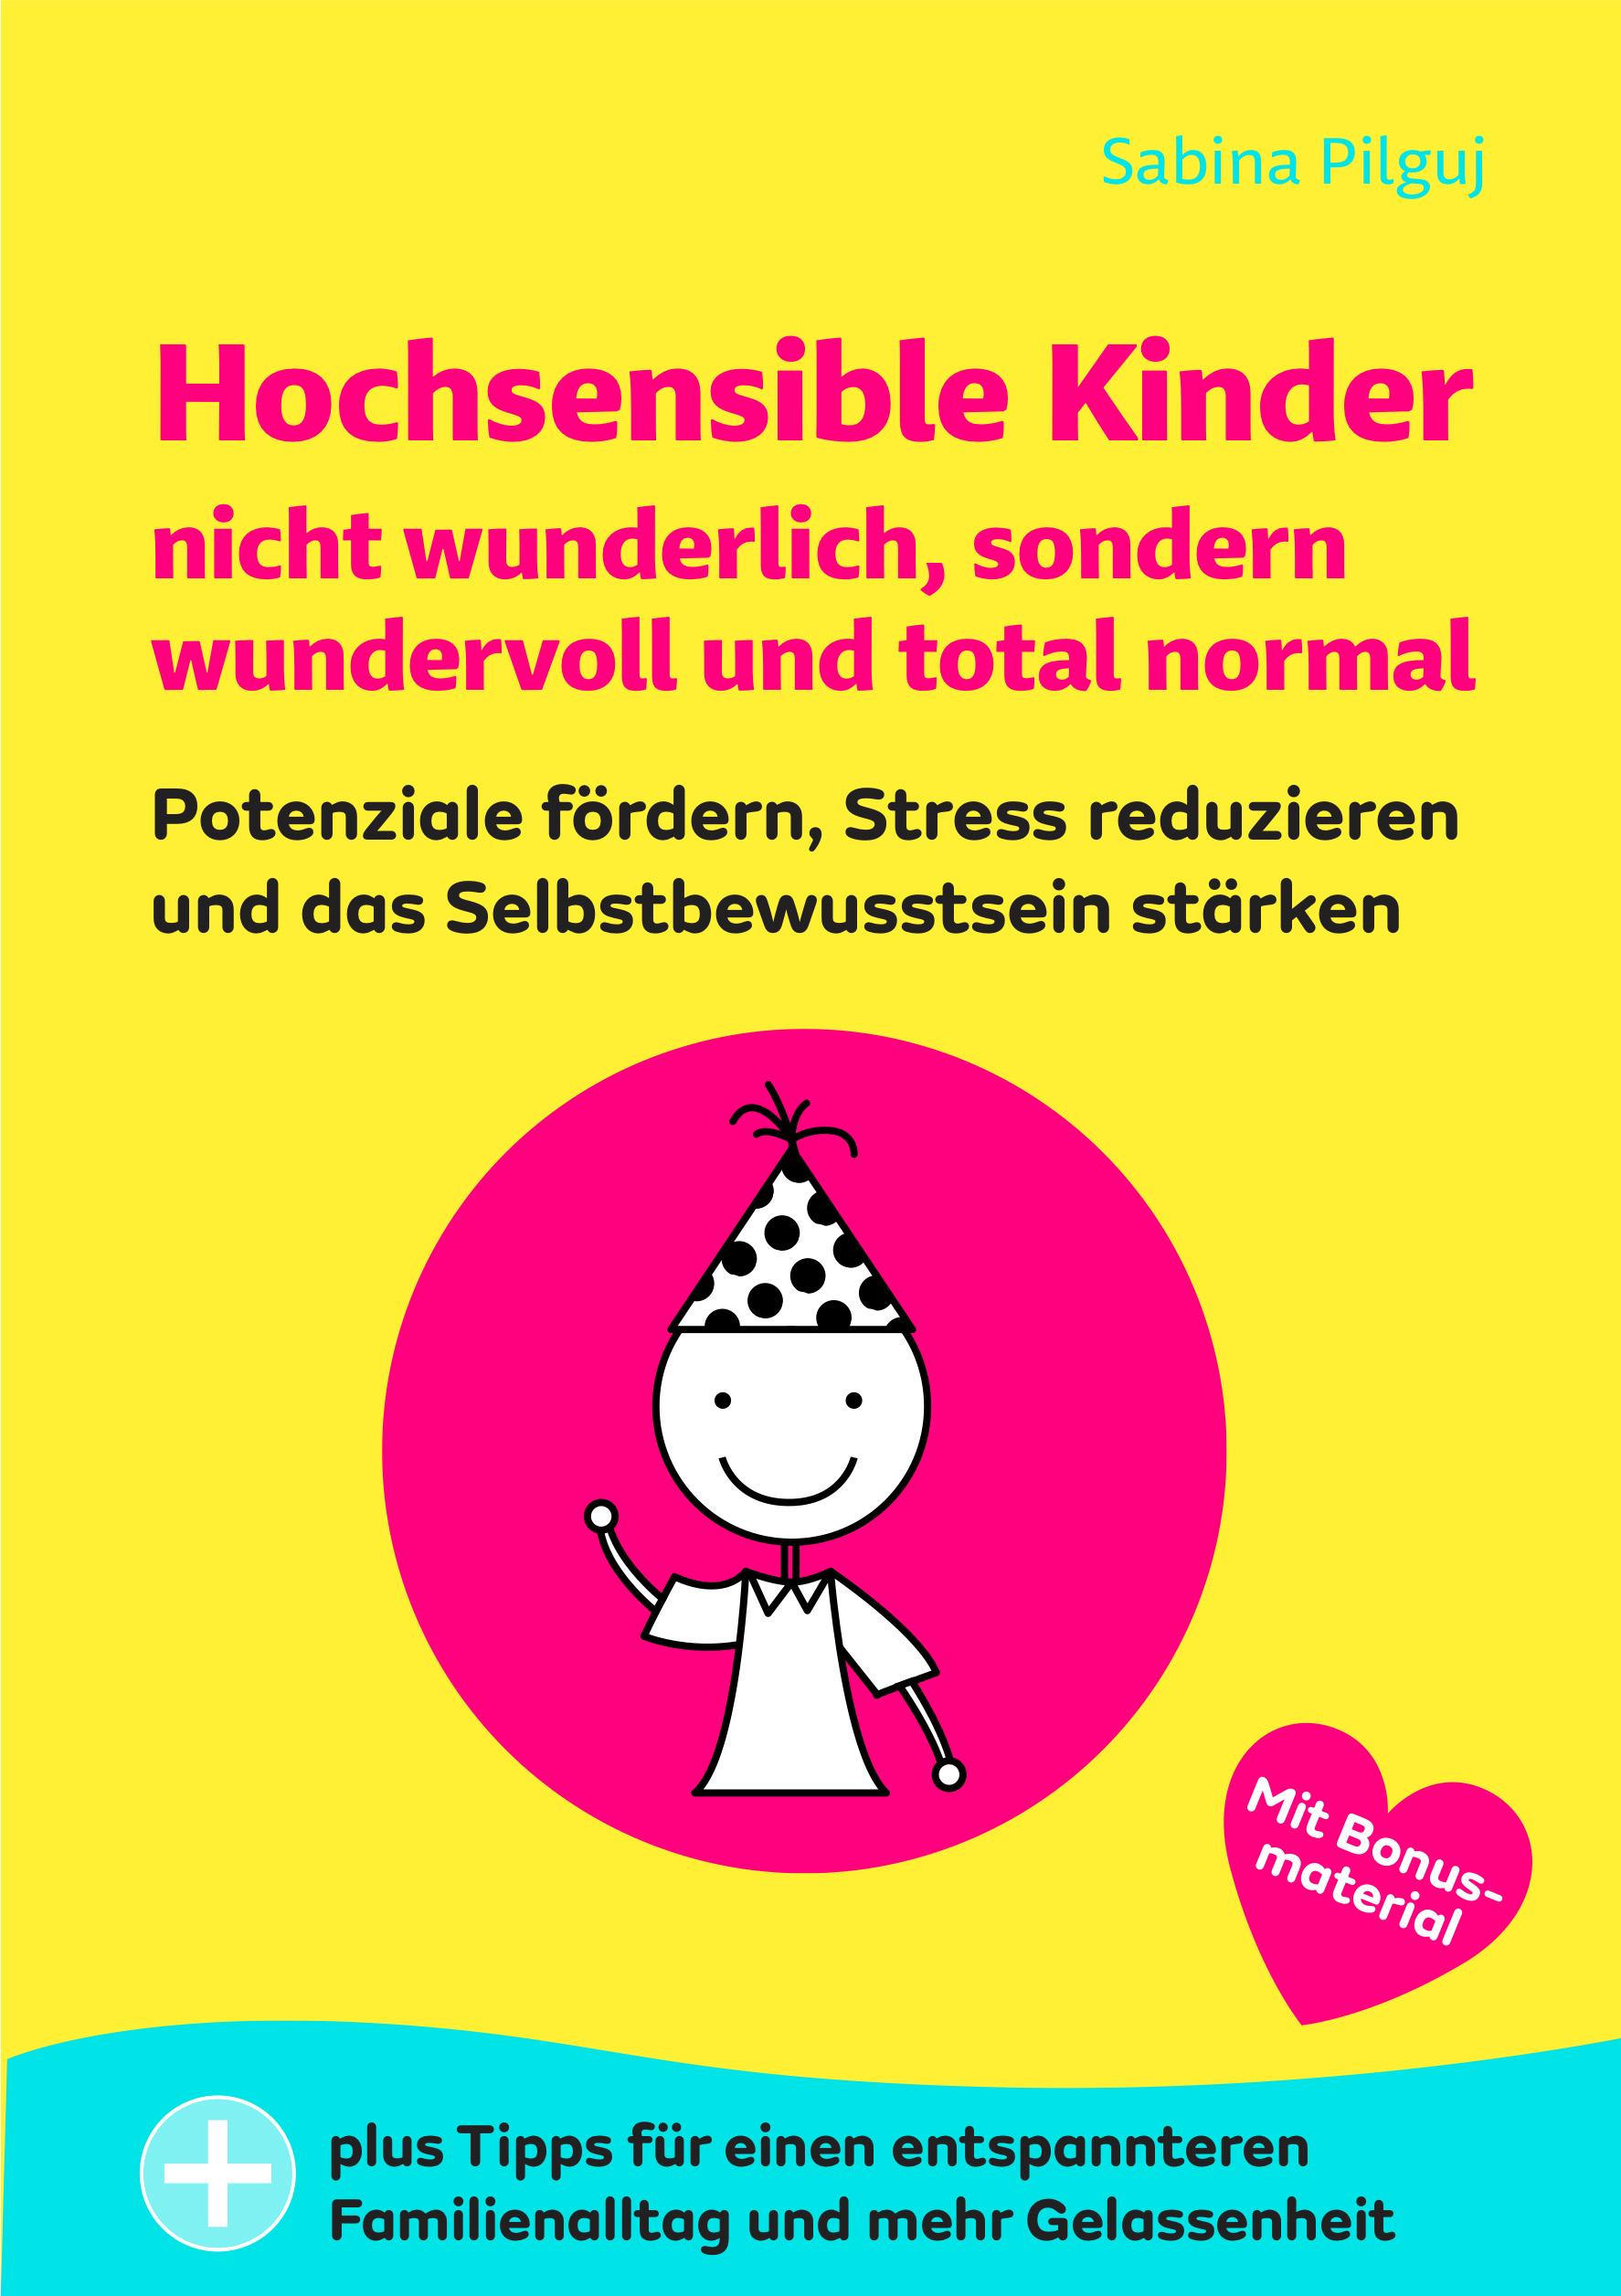 Hochsensible Kinder nicht wunderlich, sondern wundervoll und total normal: Potenziale fördern, Stress reduzieren und das Selbstbewusstsein stärken